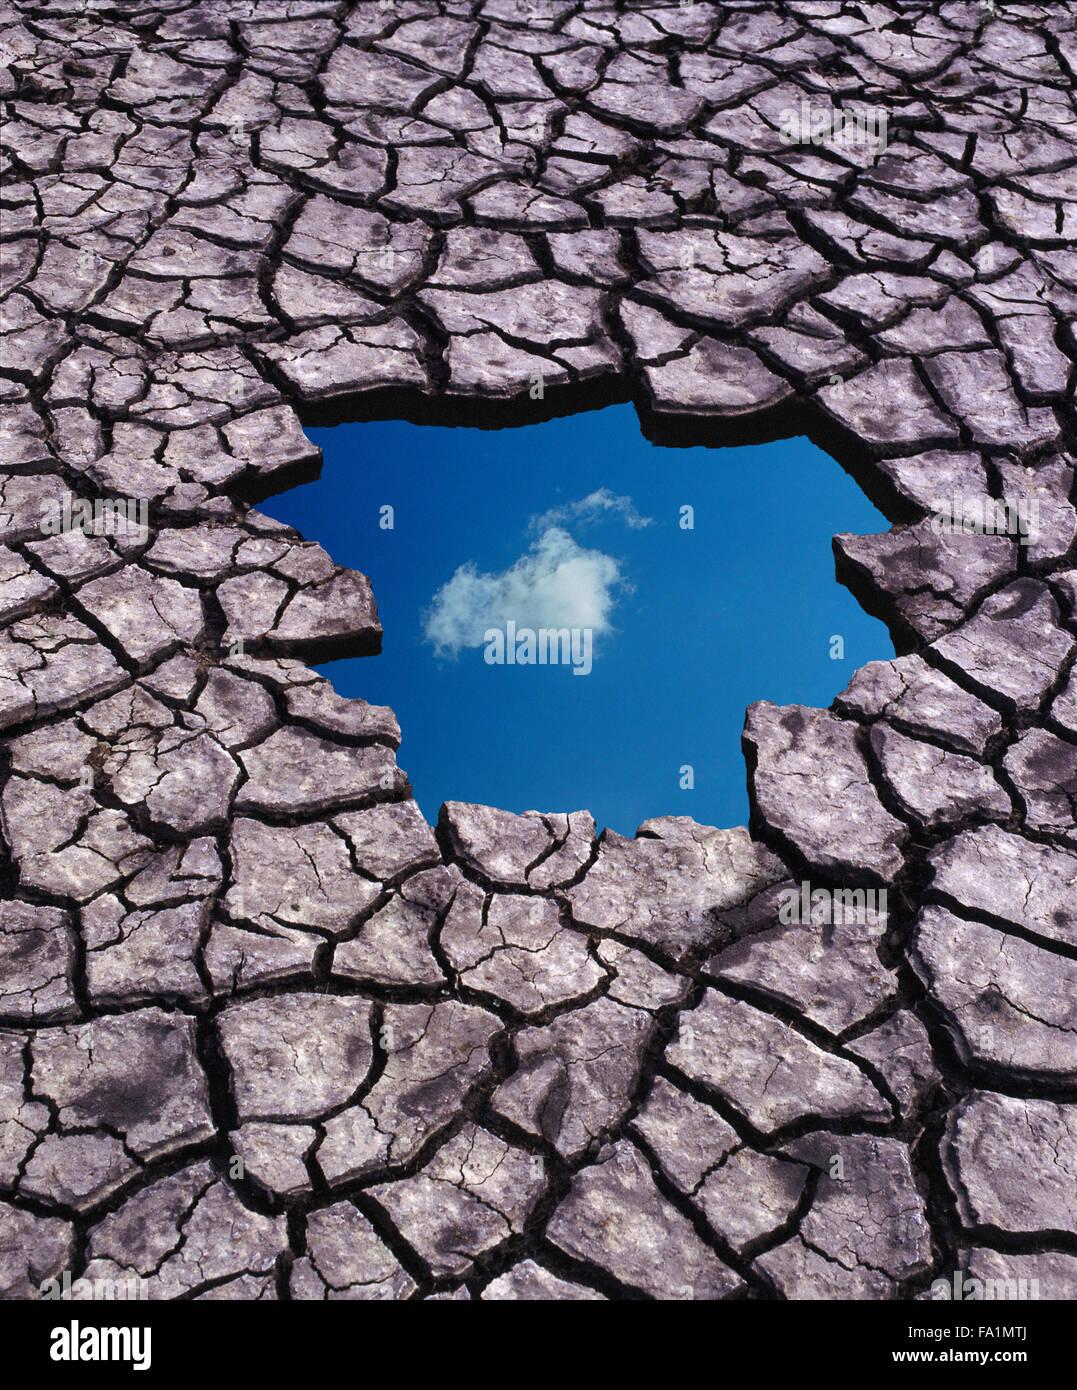 L'optimisme et le ciel bleu pense en dépit du réchauffement planétaire Photo Stock